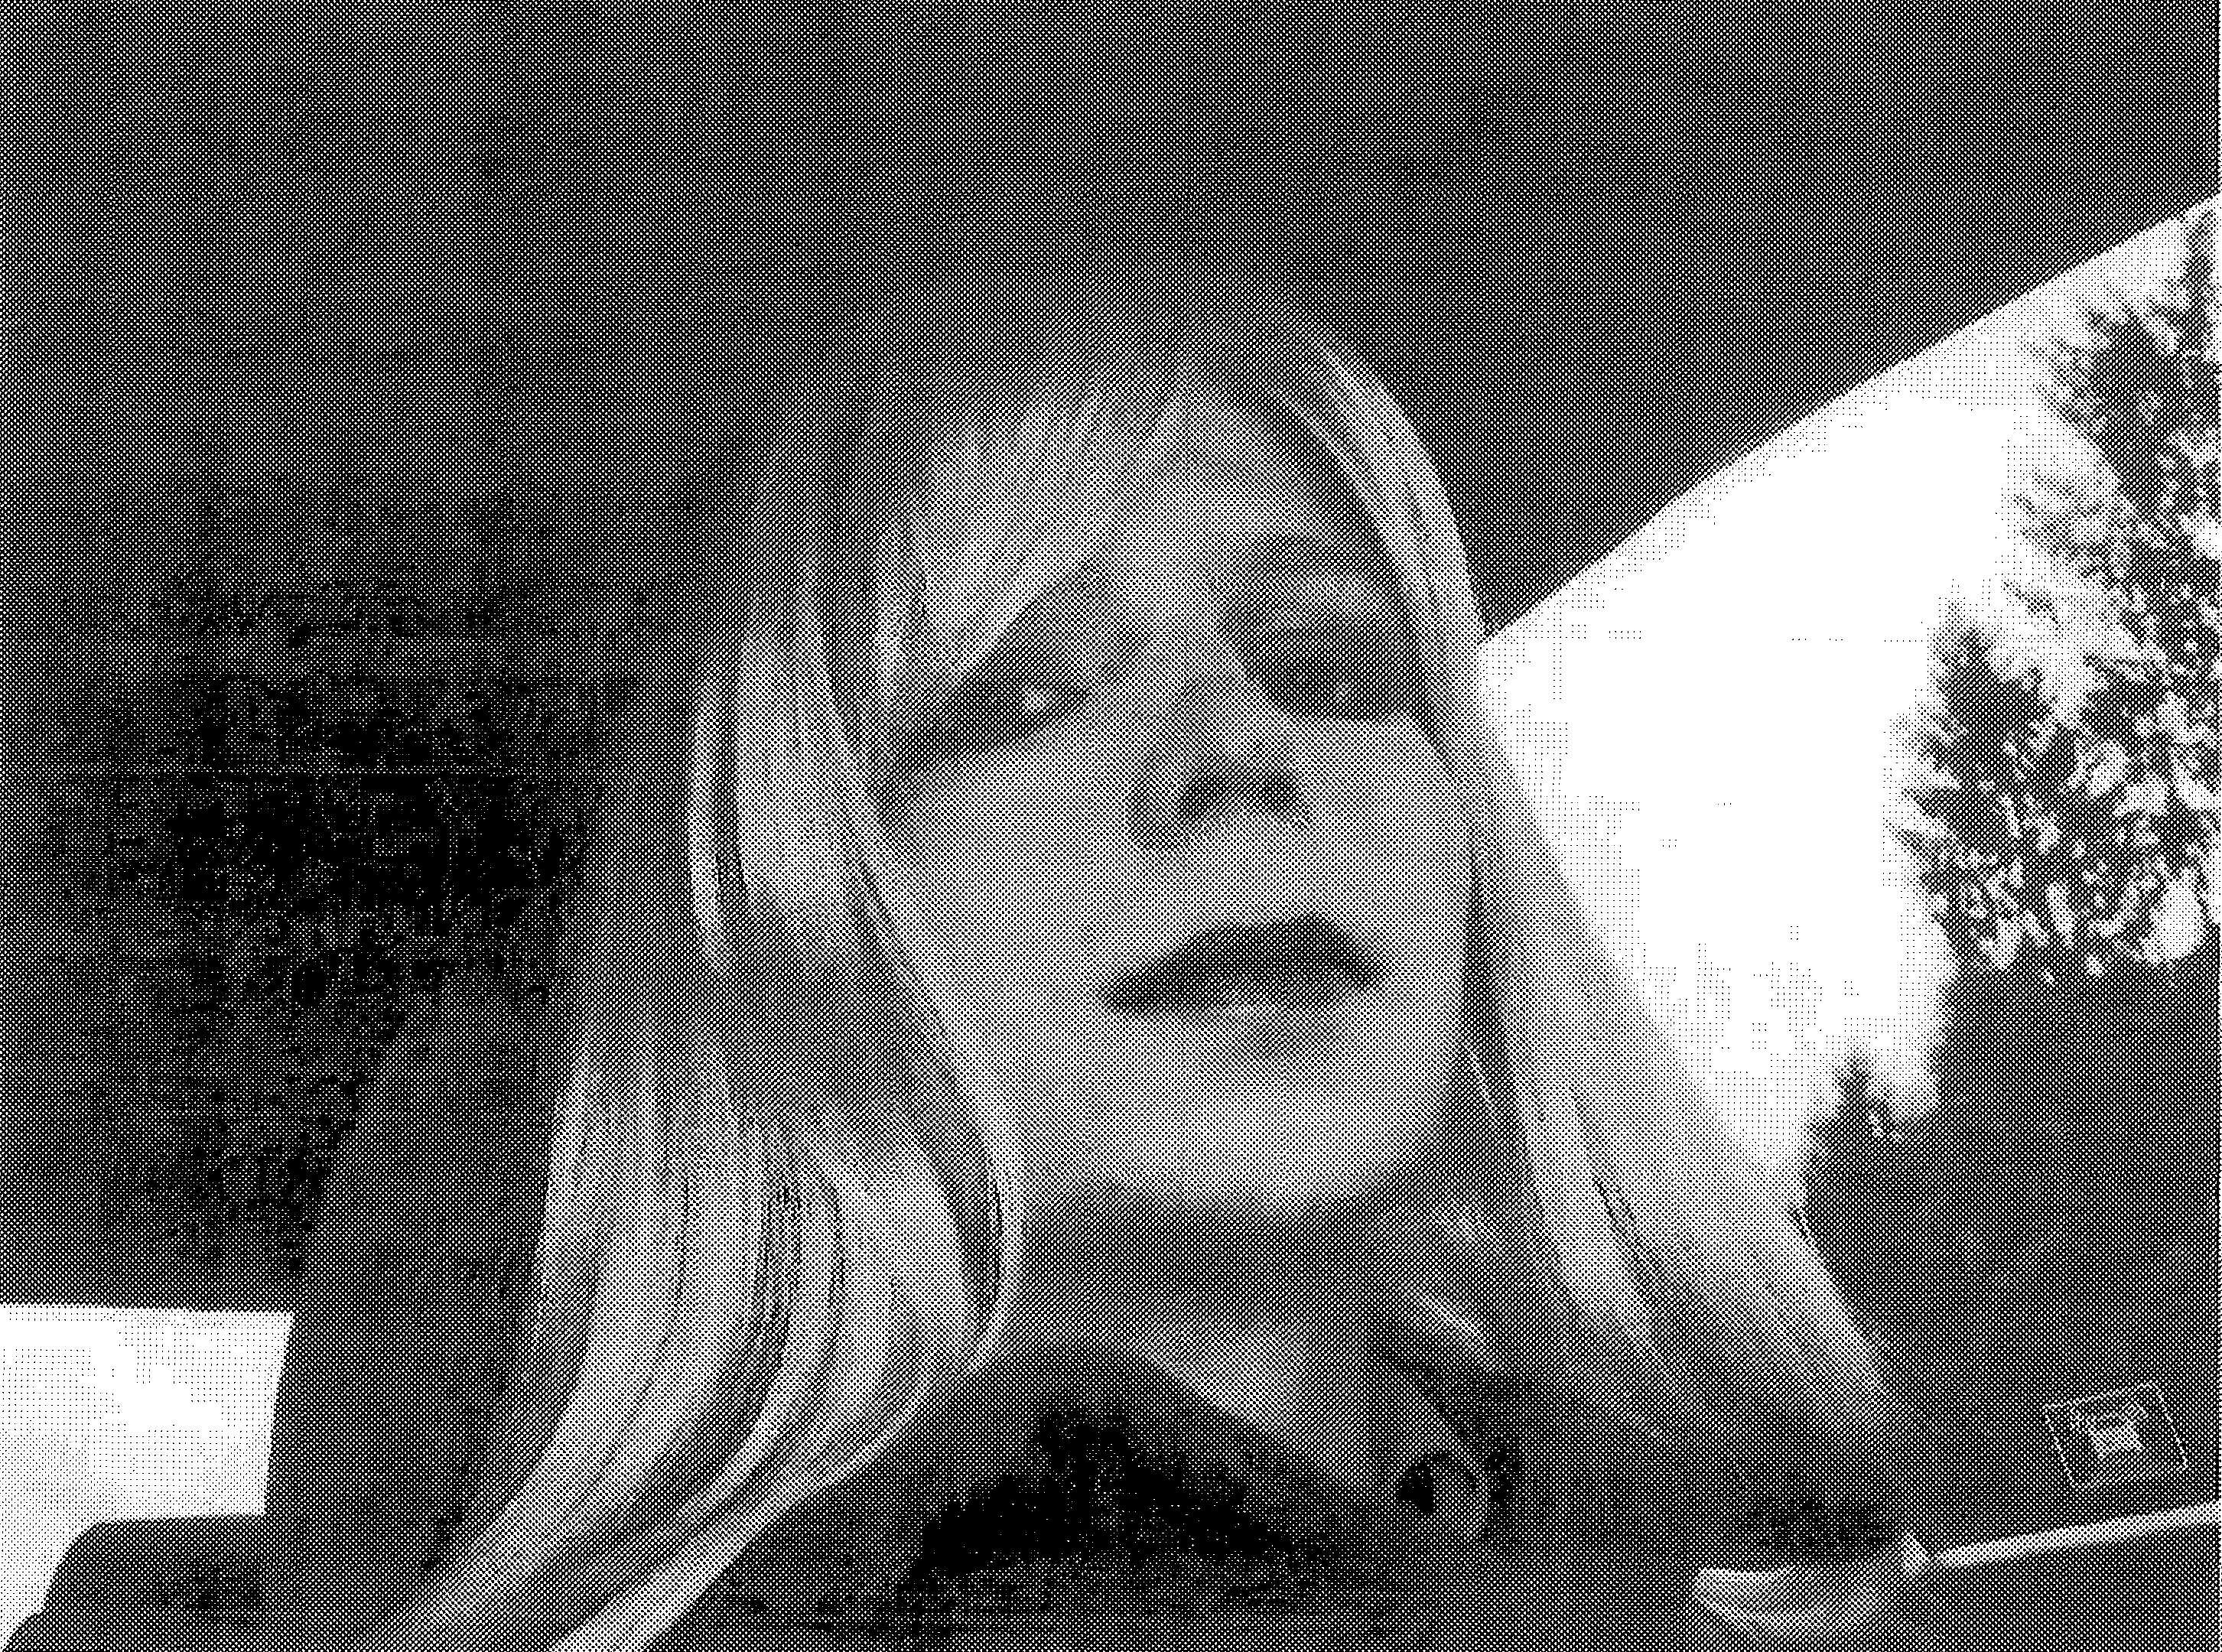 Manning comenzó a recopilar información clasificada desde su puesto en Irak y a filtrarla a la web de WikiLeaks. FOTO REUTERS